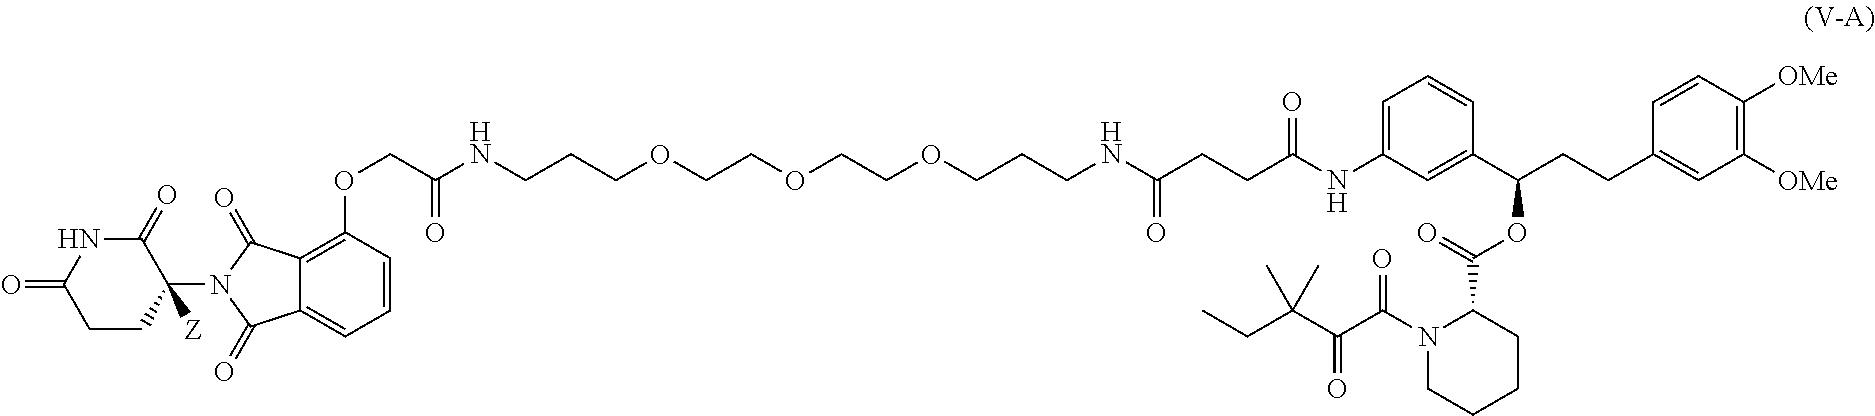 Figure US09809603-20171107-C00035